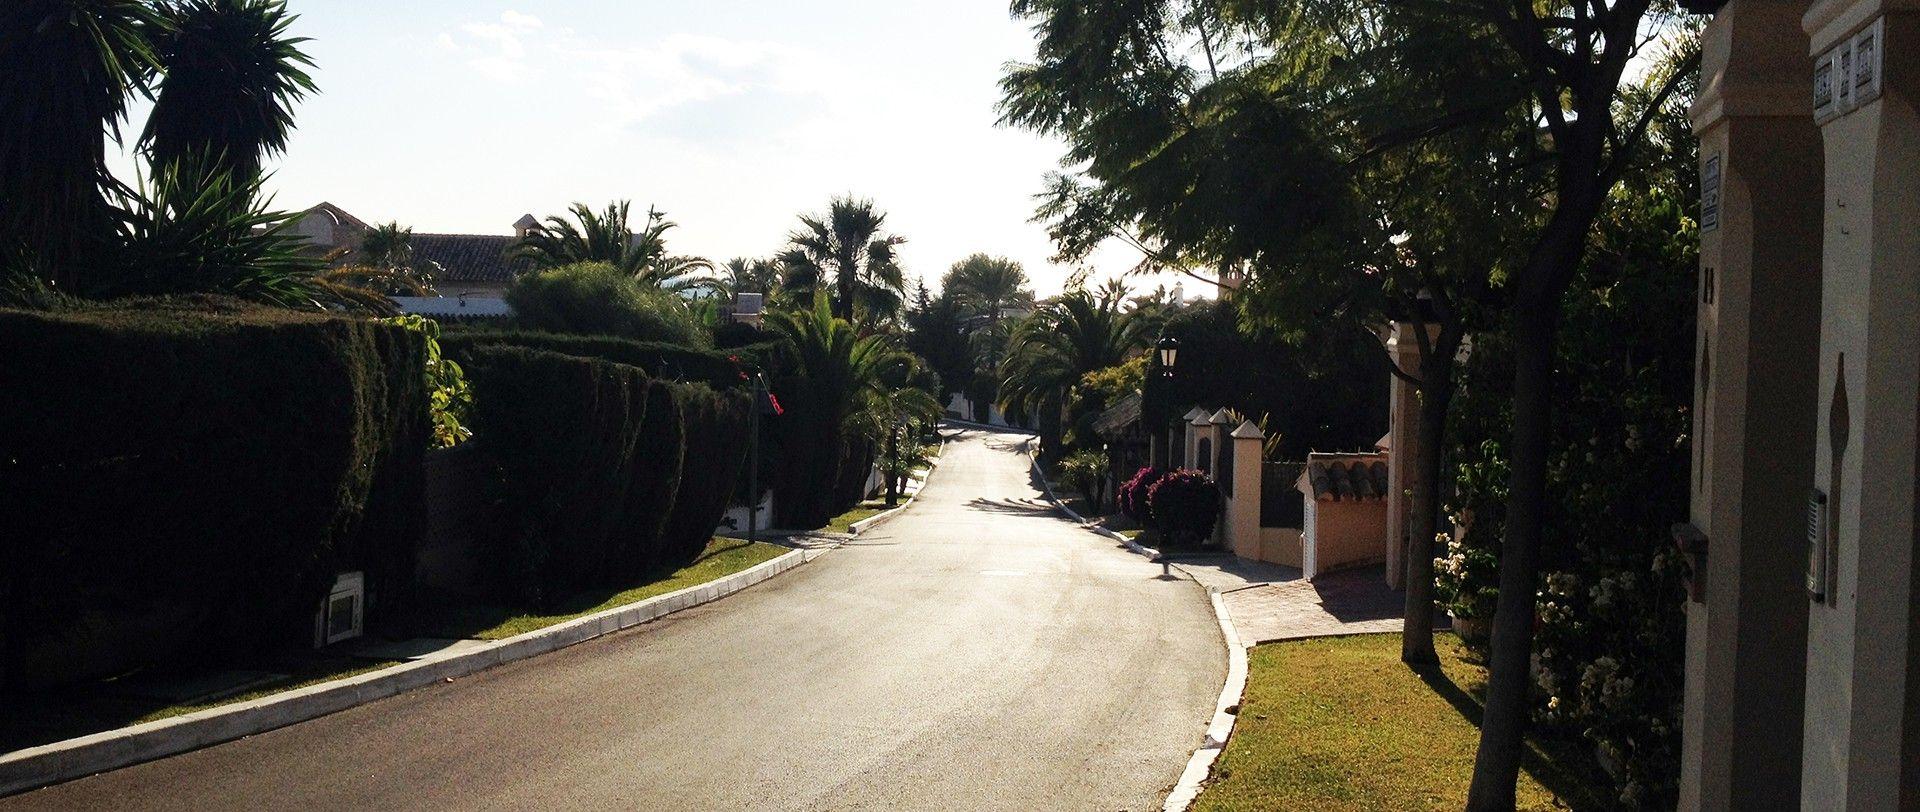 Los Monteros und Bahia de Marbella